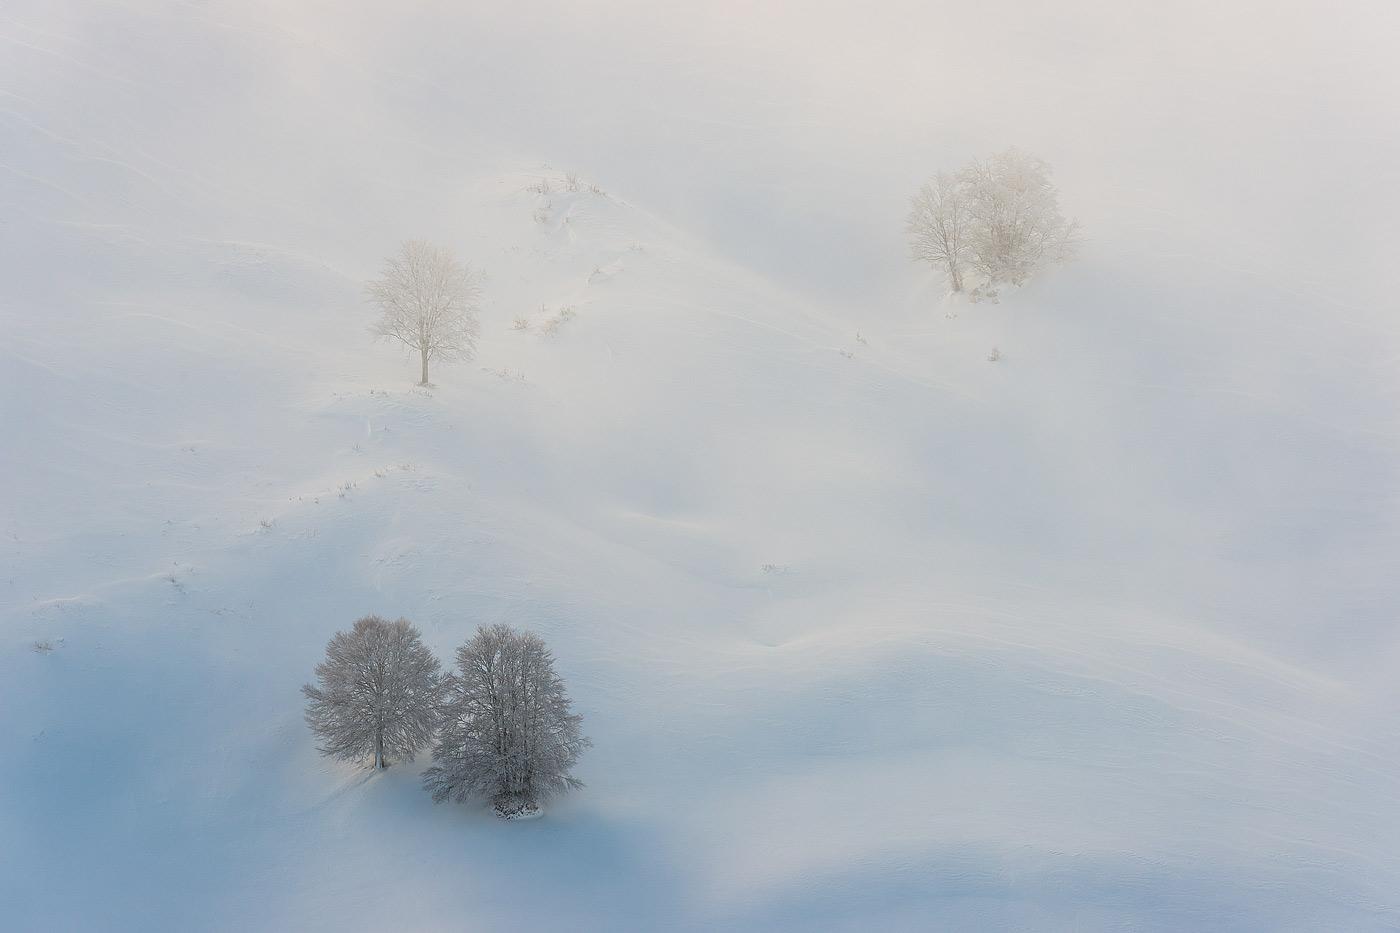 Faggi nella nebbia - Monti Simbruini